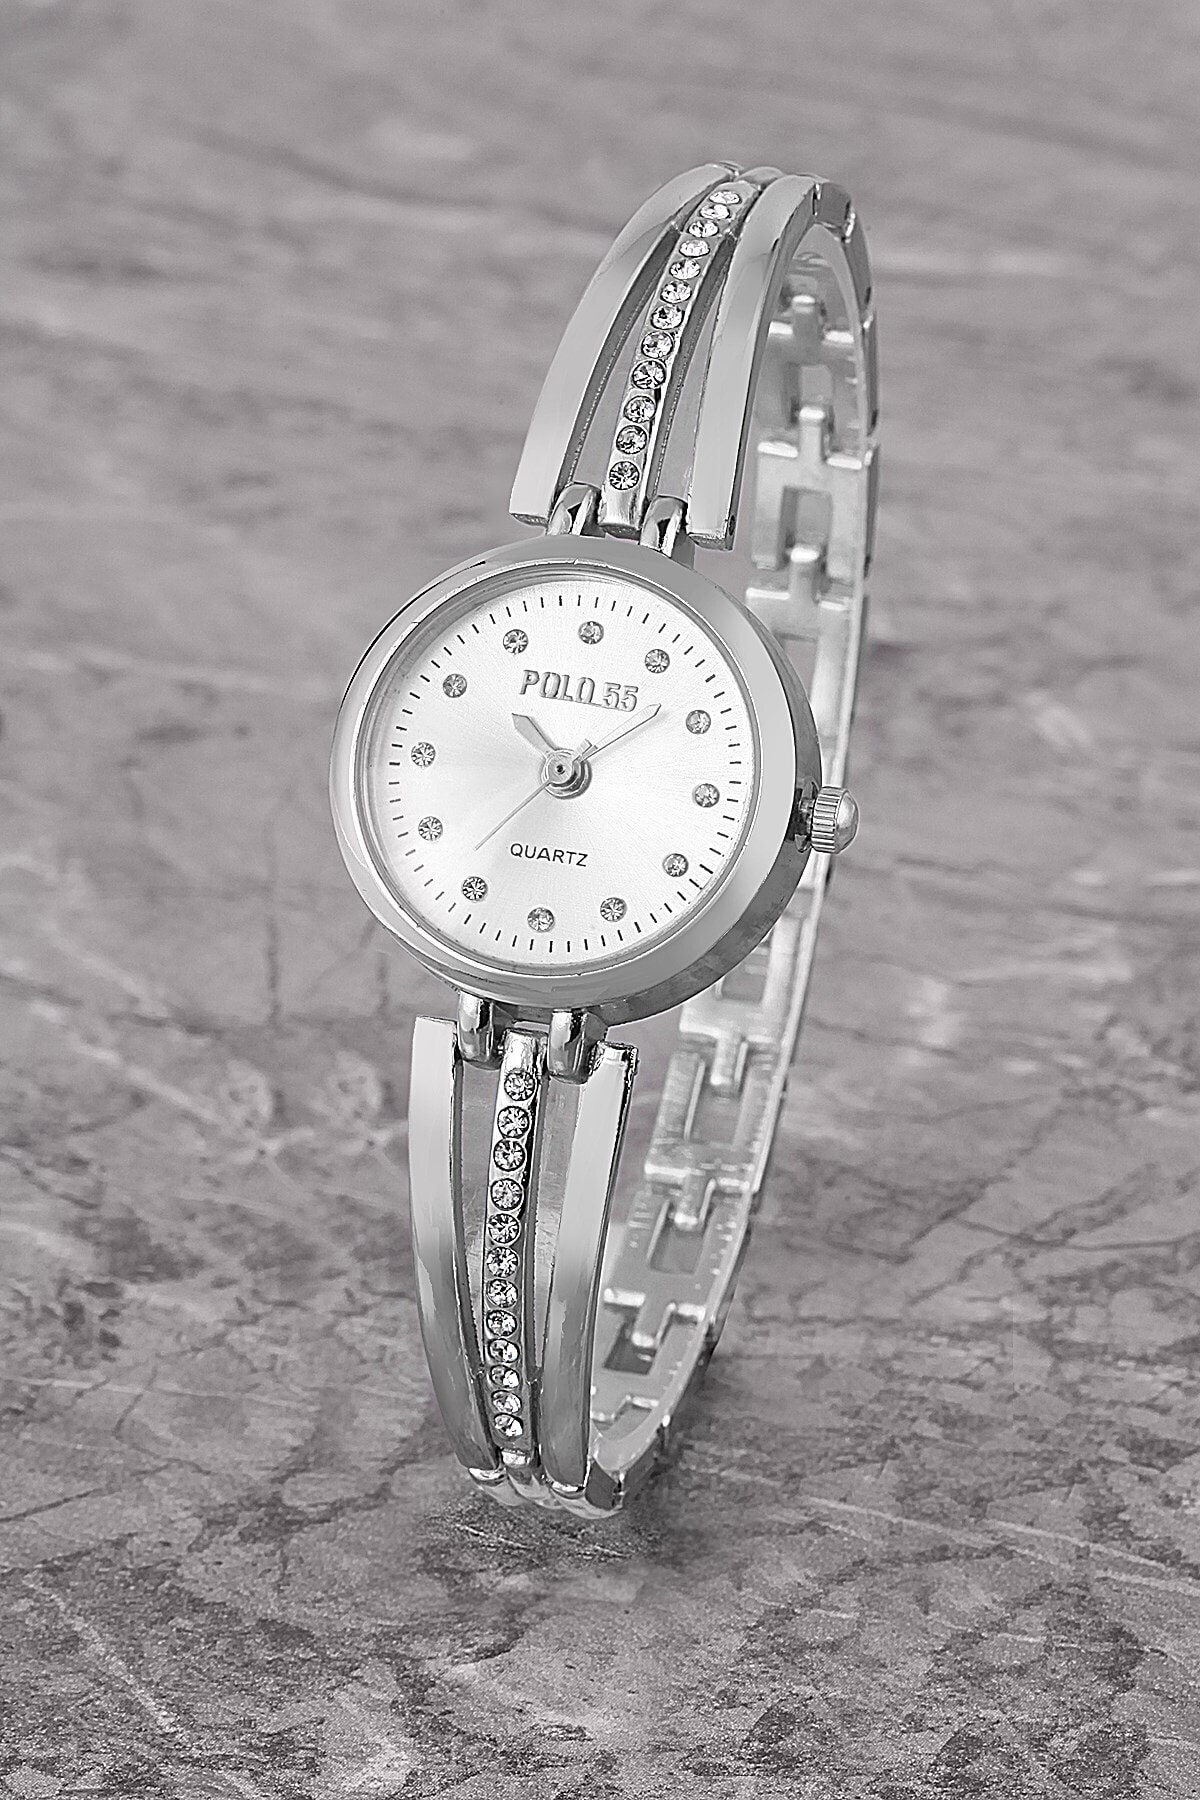 Polo55 Plkm003r04 Taşlı Basit Kadran,bilezik Modeli,kadın Gümüş Kol Saati 1